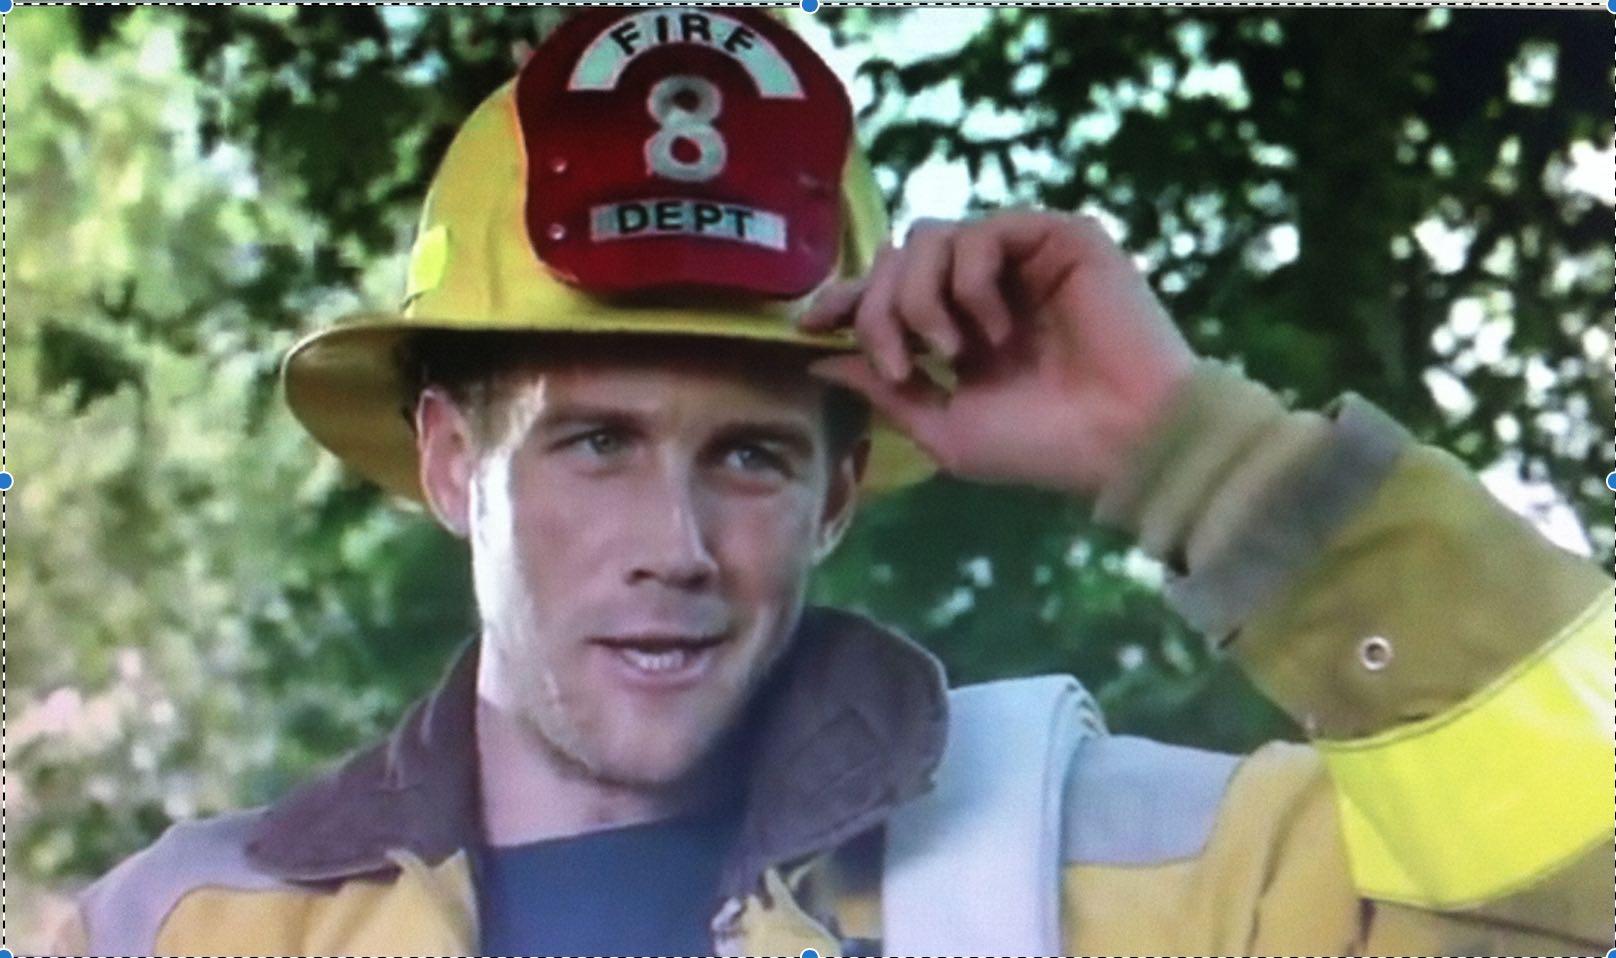 Alka Seltzer Fireman